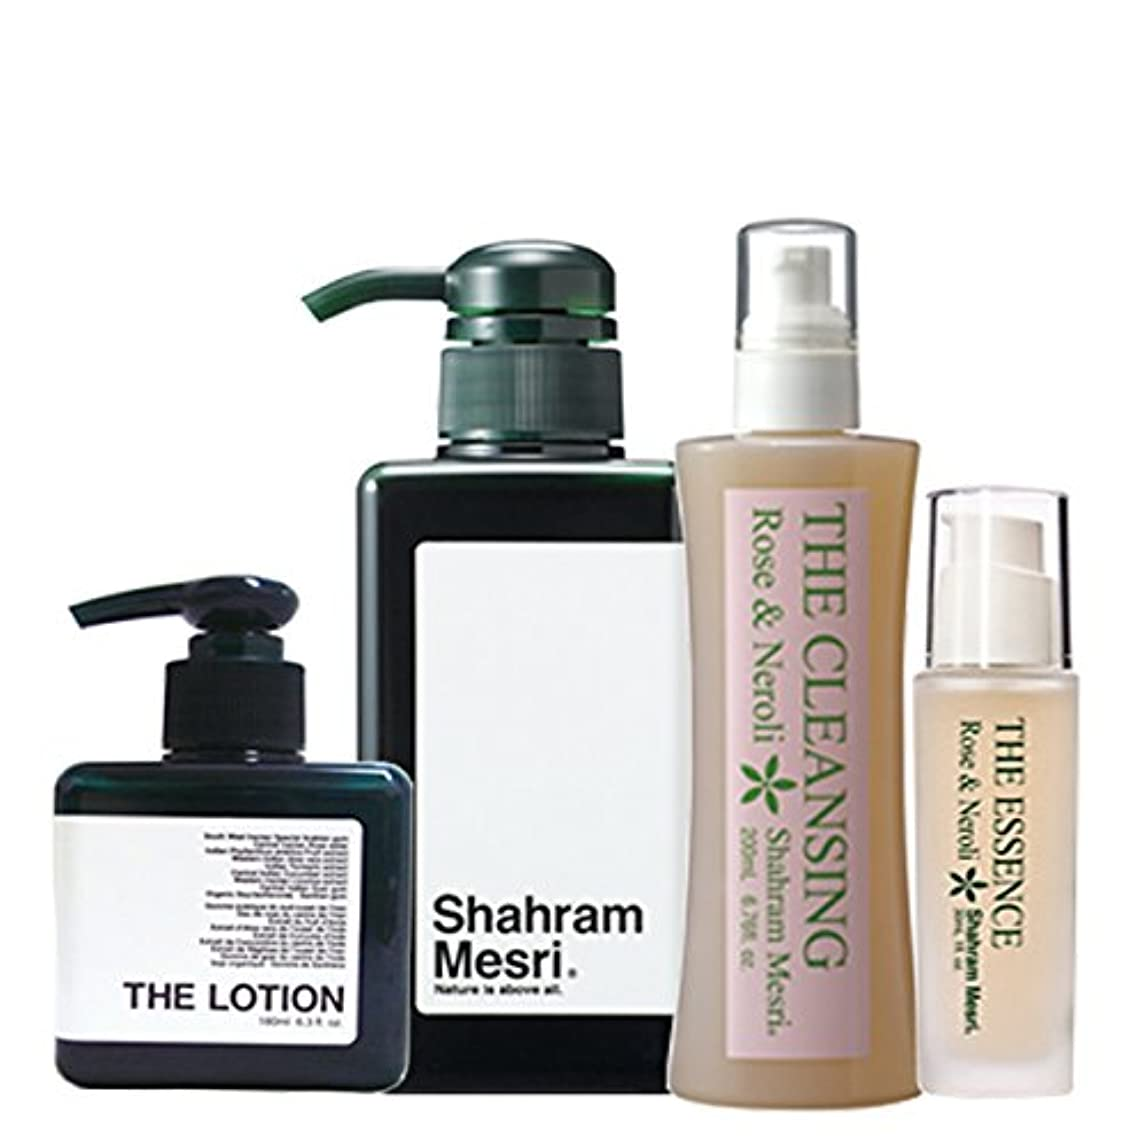 換気露骨な症状Shahram Mesri パーフェクトセット シャハランメスリ ザ?シャンプー ザ?ローション ザ?クレンジング ザ?エッセンス のセットです。 お化粧落としからシャンプーそしてローションエッセンスの仕上げまで お試しください。